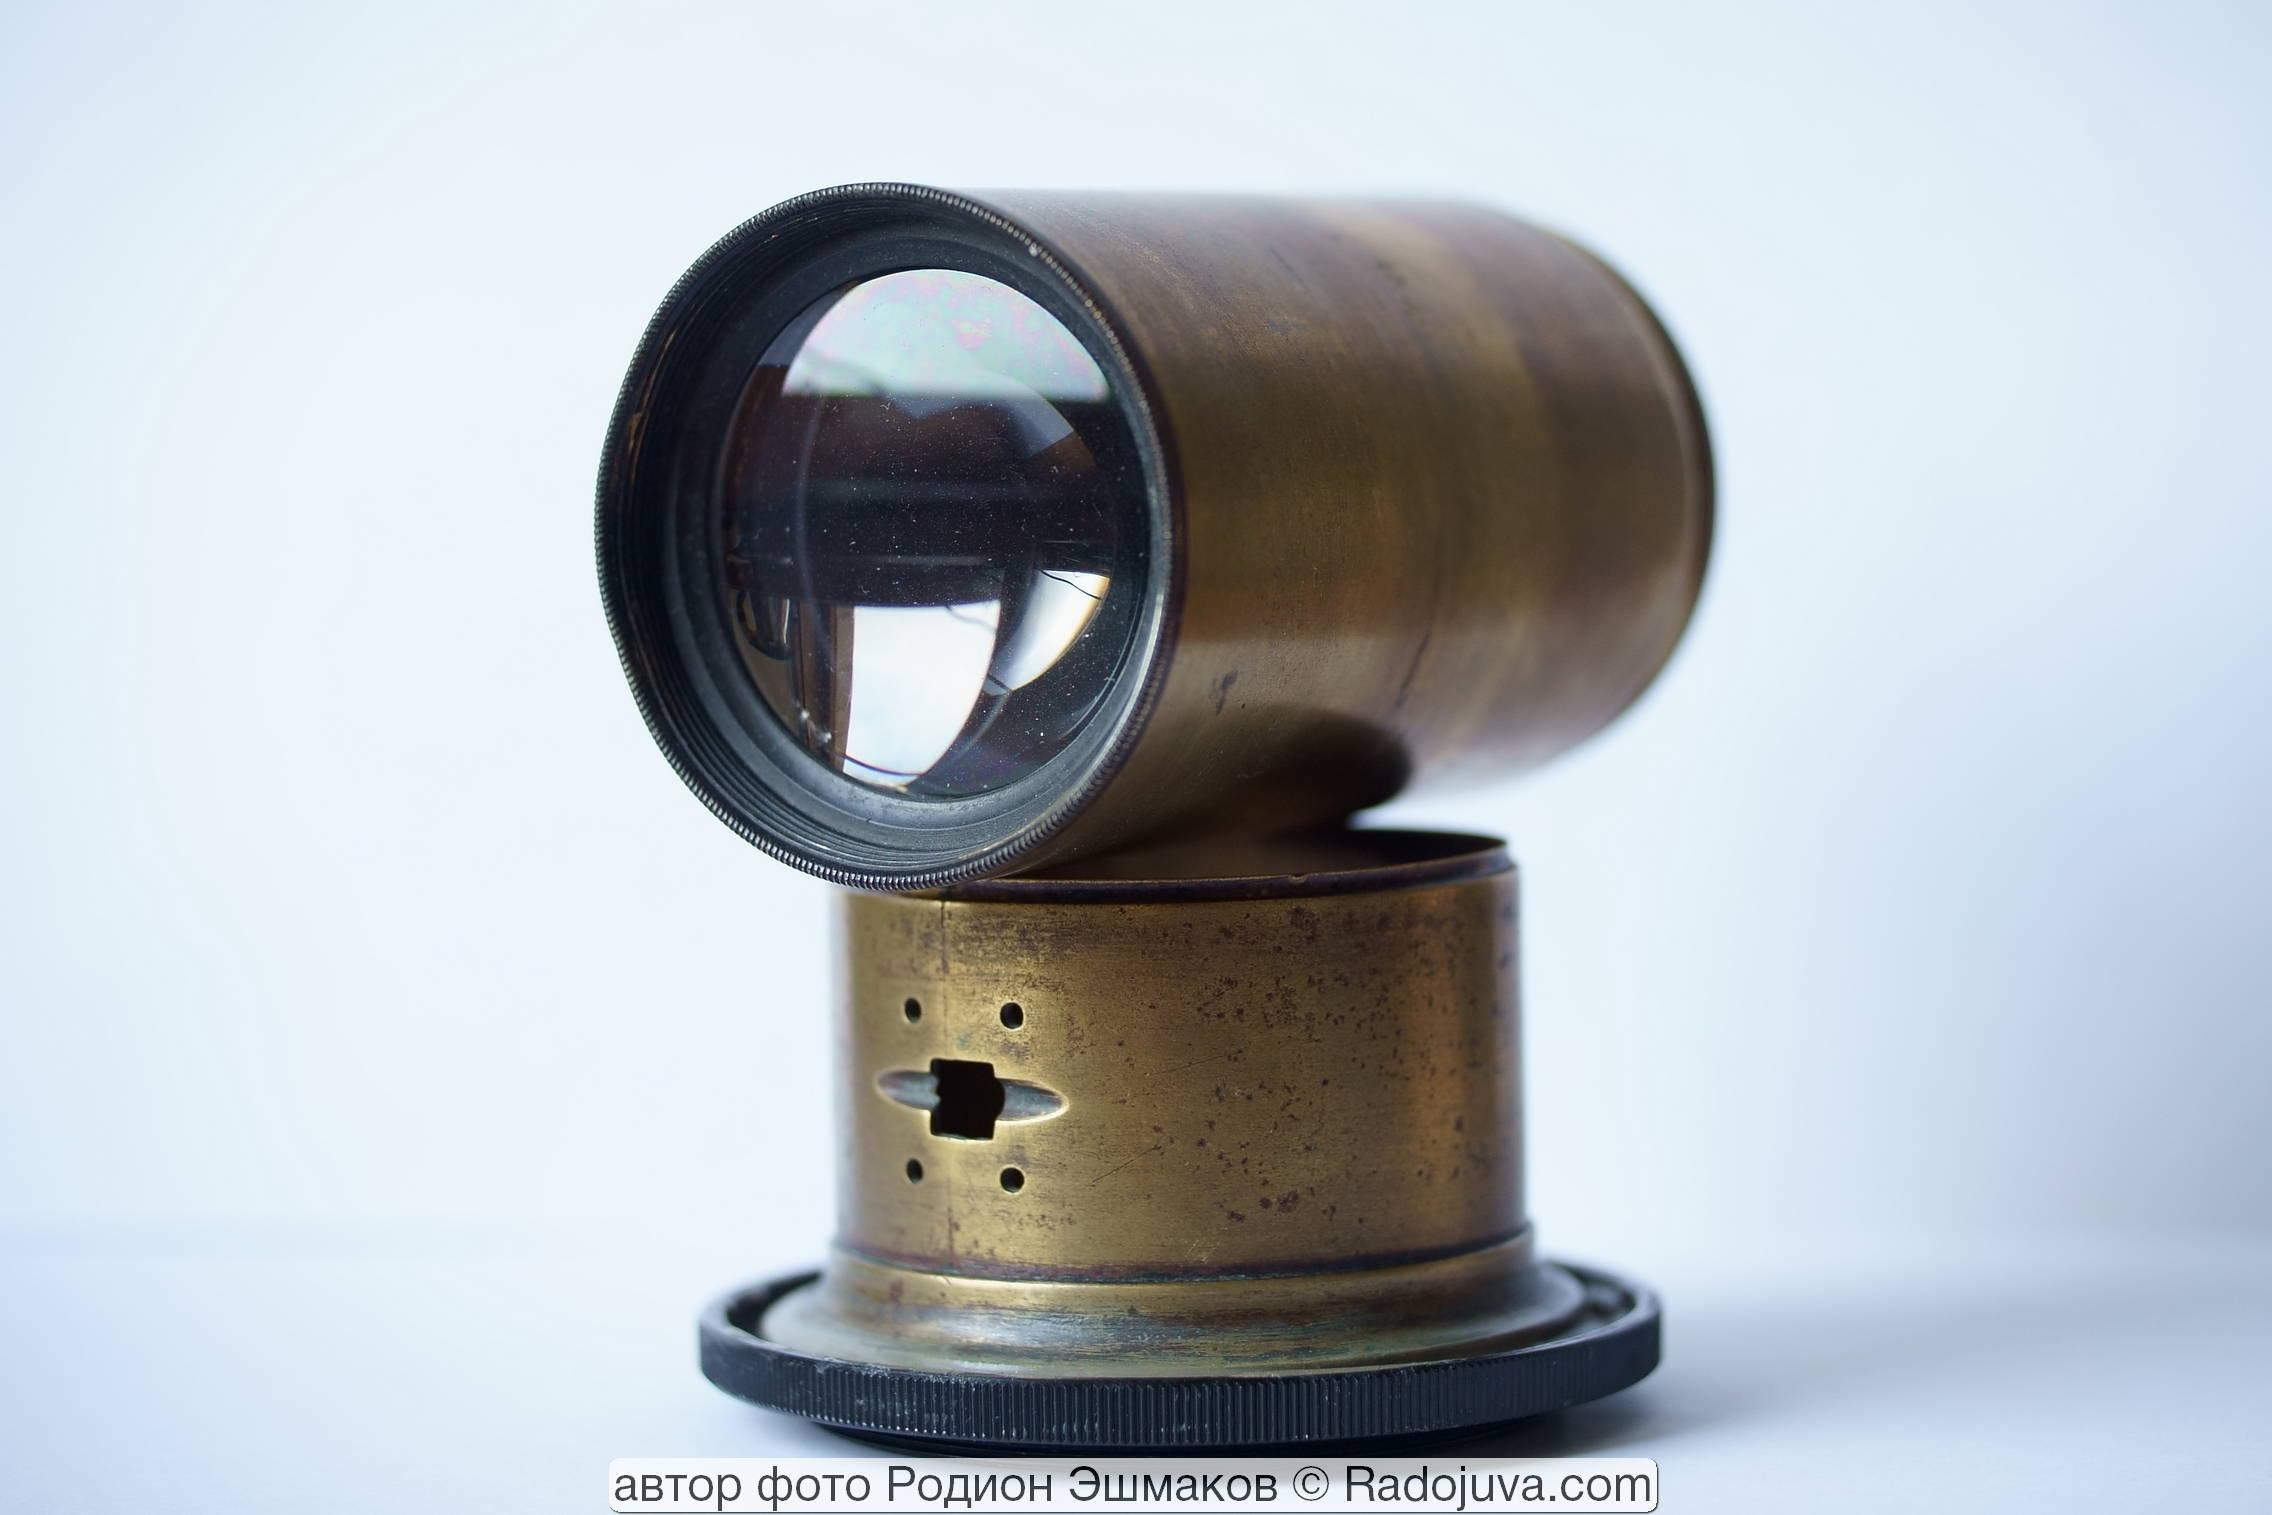 Линзоблок объектива Дарло может быть свободно вынут из оправы в отсутствие кремальеры.